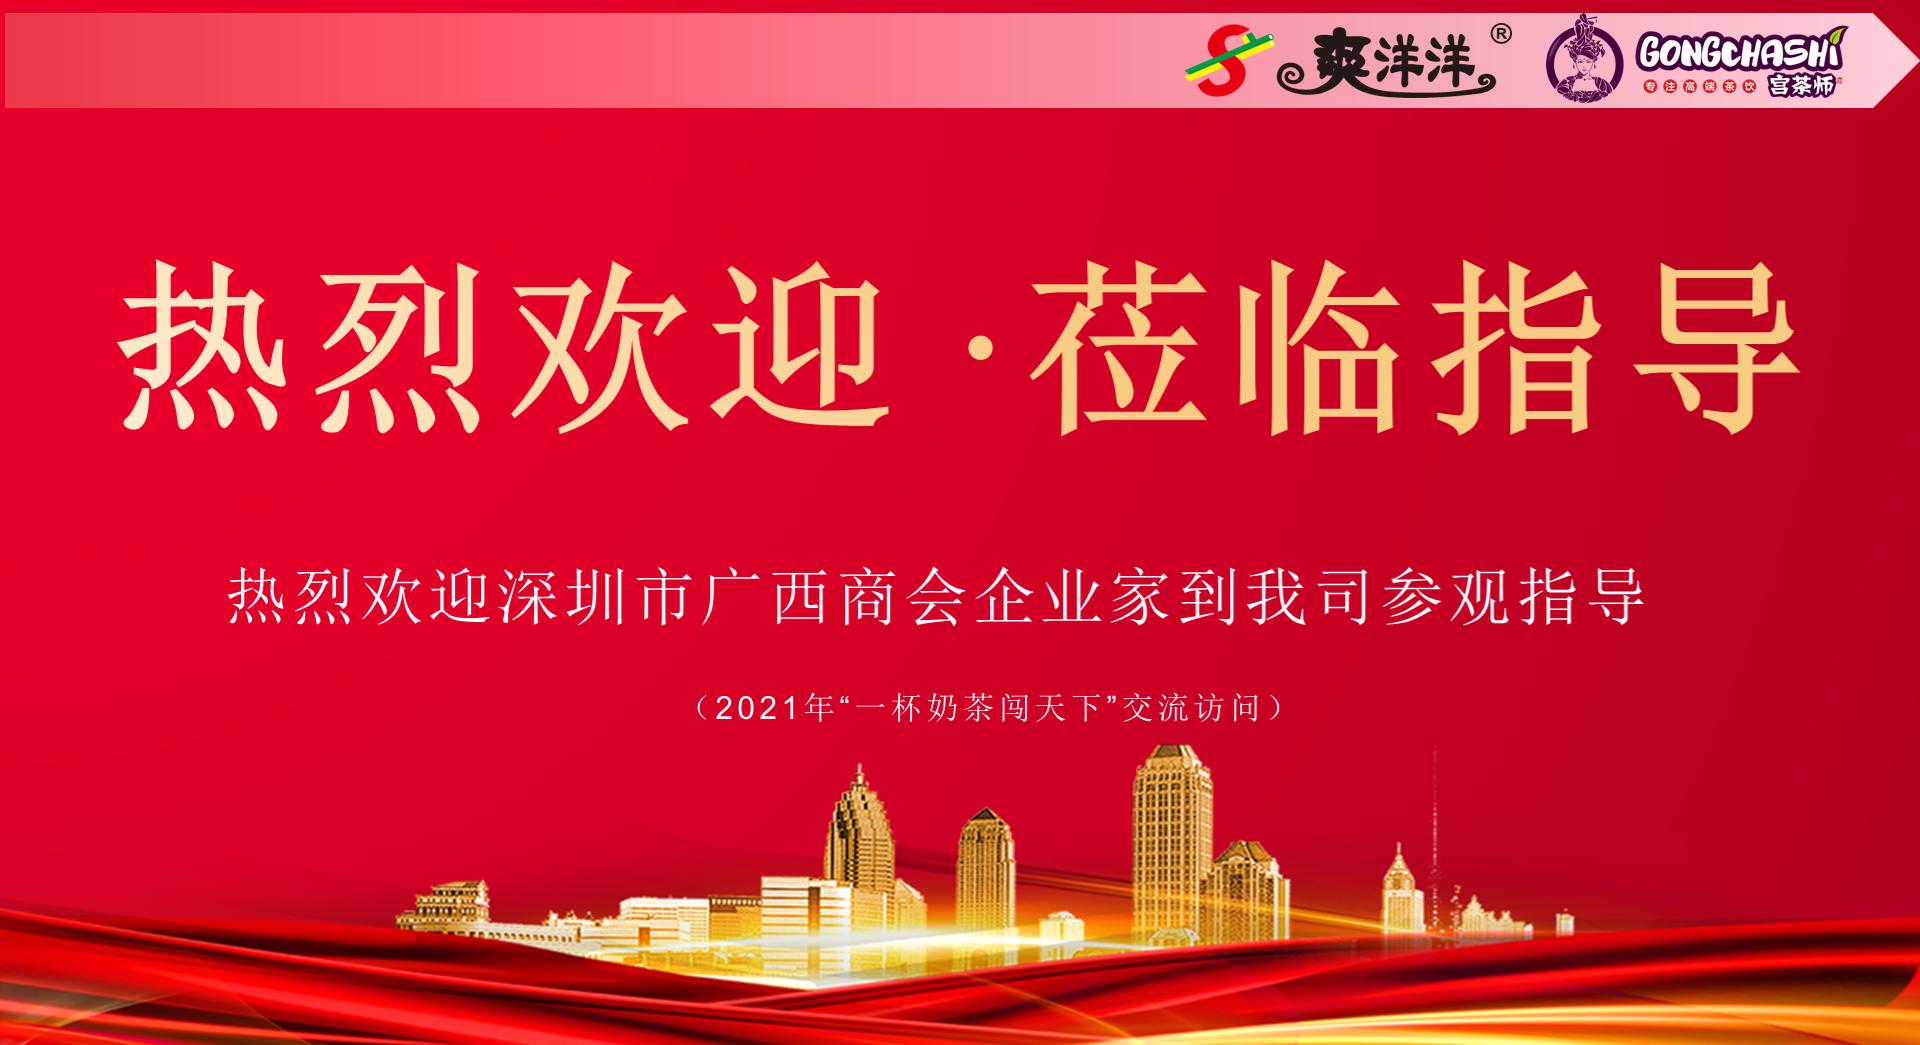 深圳市广西商会&深圳市连锁零售行业协会走访民族奶茶品牌